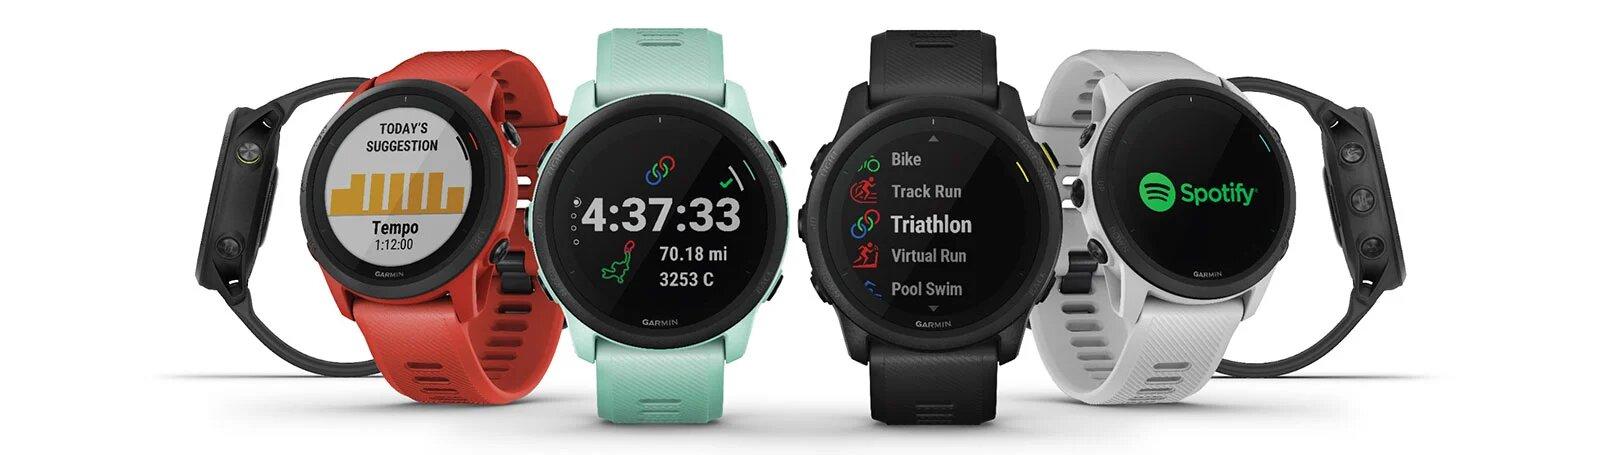 Смарт-часы Garmin Forerunner 745 предназначены для профессиональных и не очень спортсменов